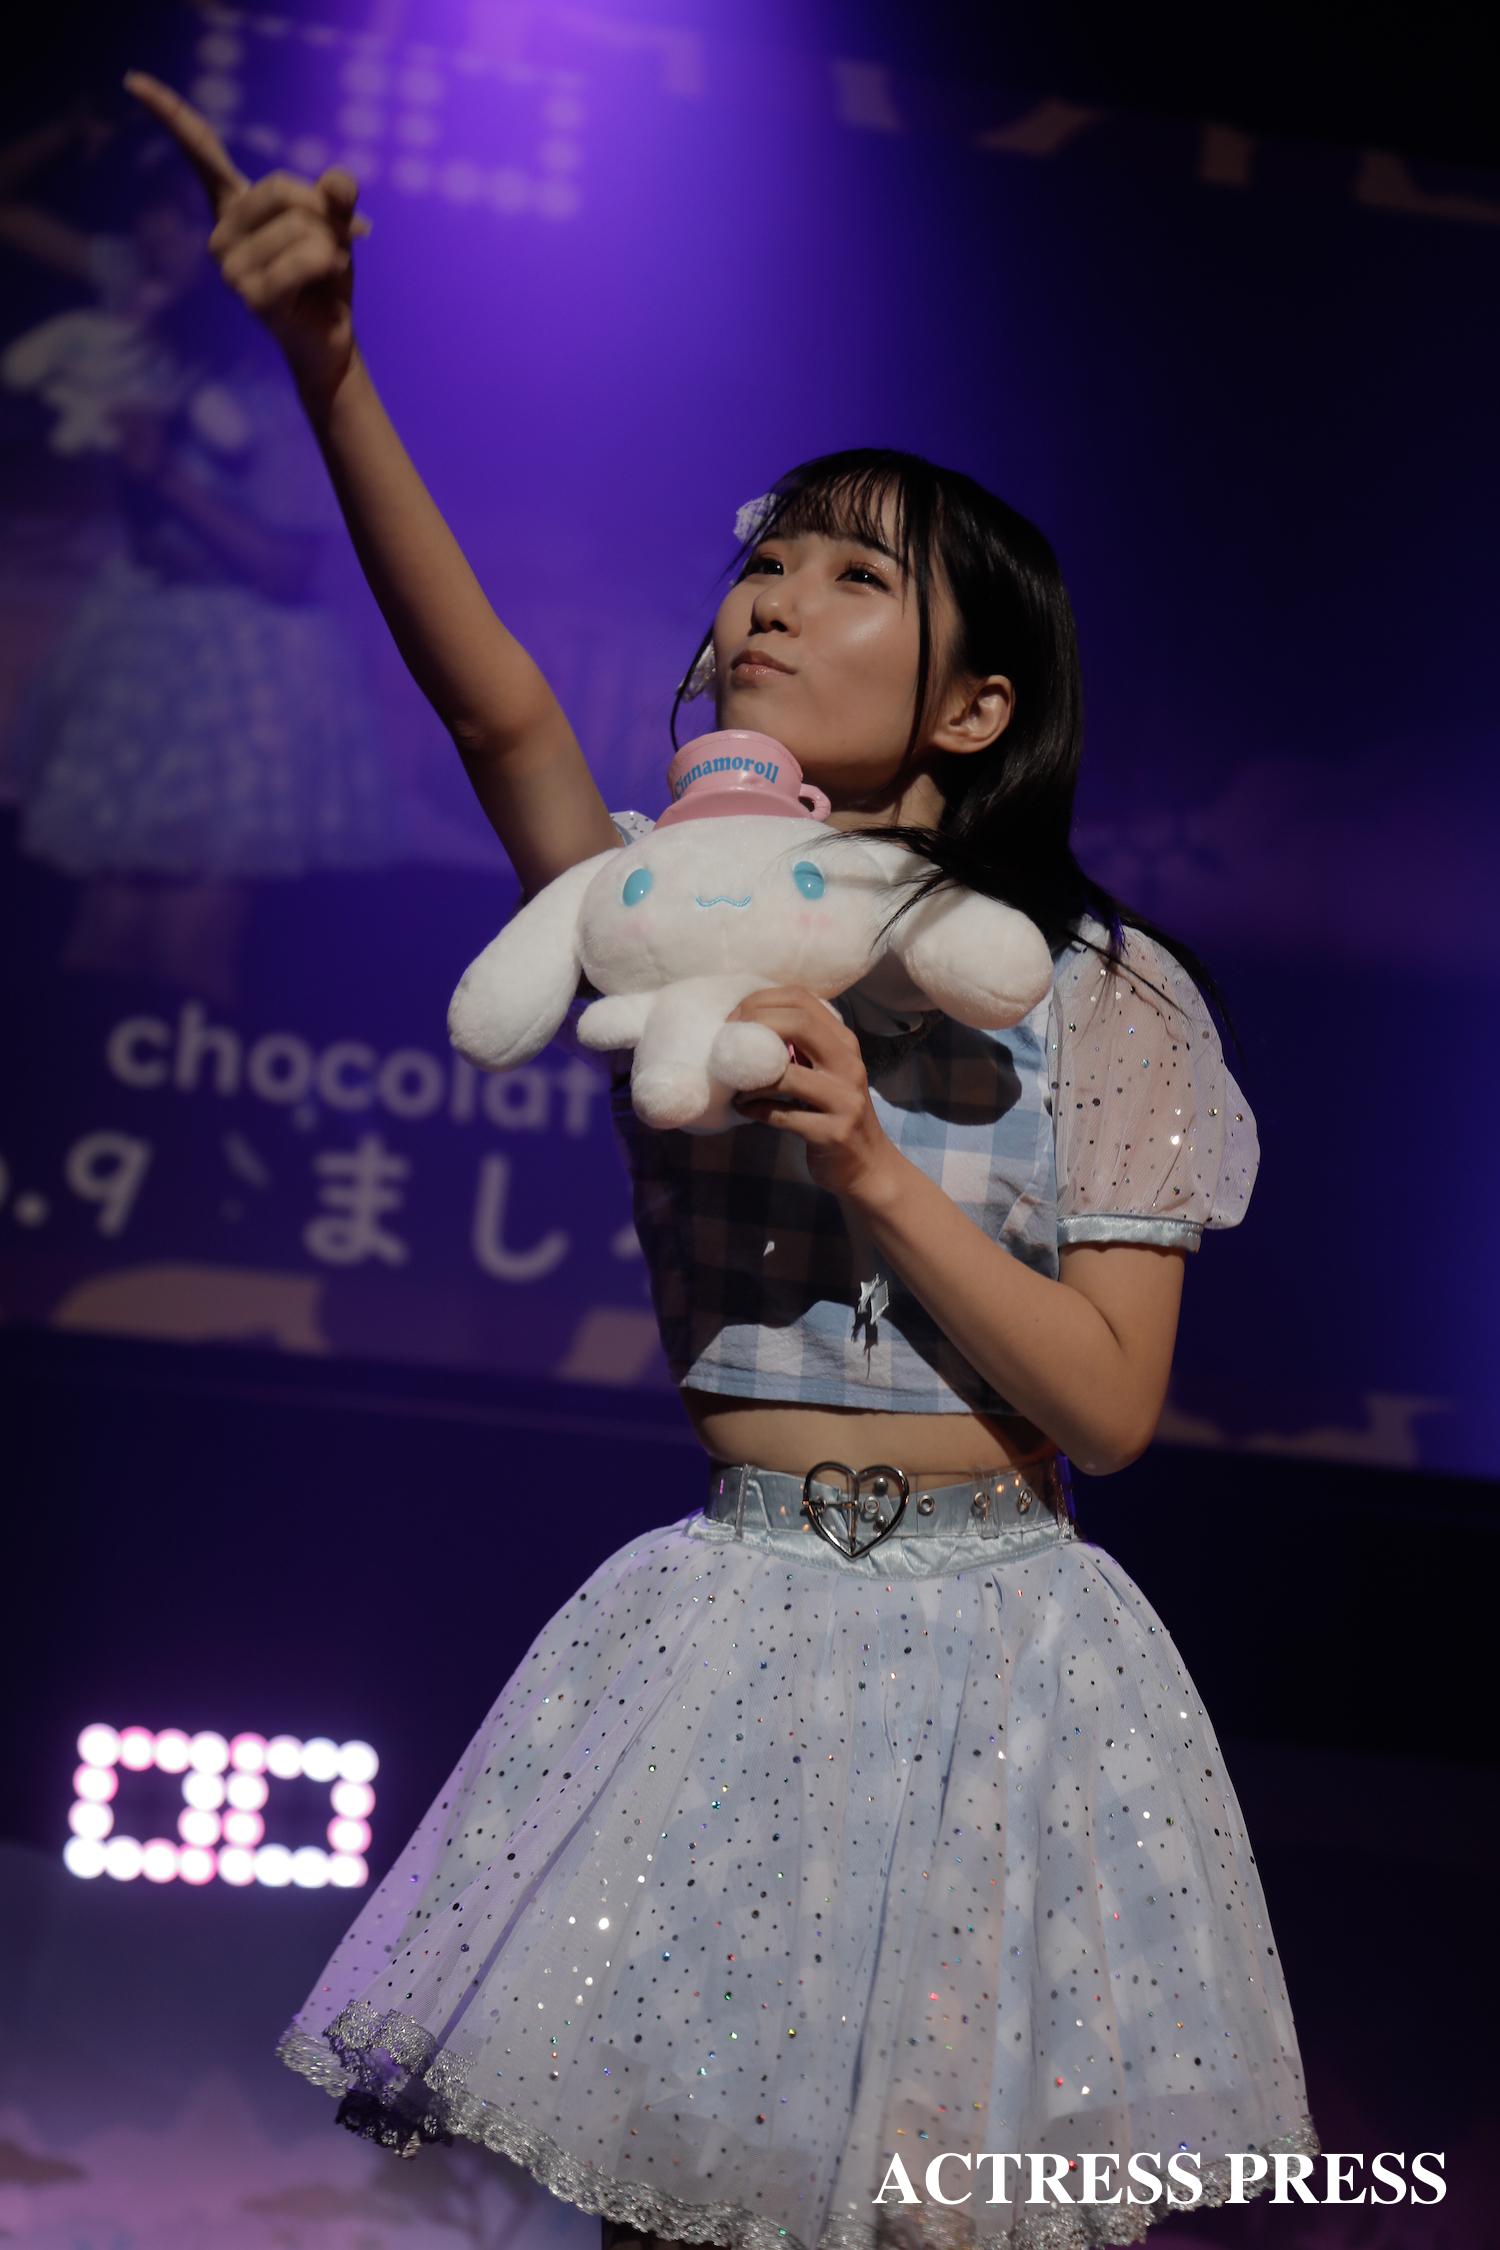 駒澤大学chocolat lumière:ましろ/2020年2月13日、MISS UNIDOL19-20/撮影:ACTRESS PRESS編集部